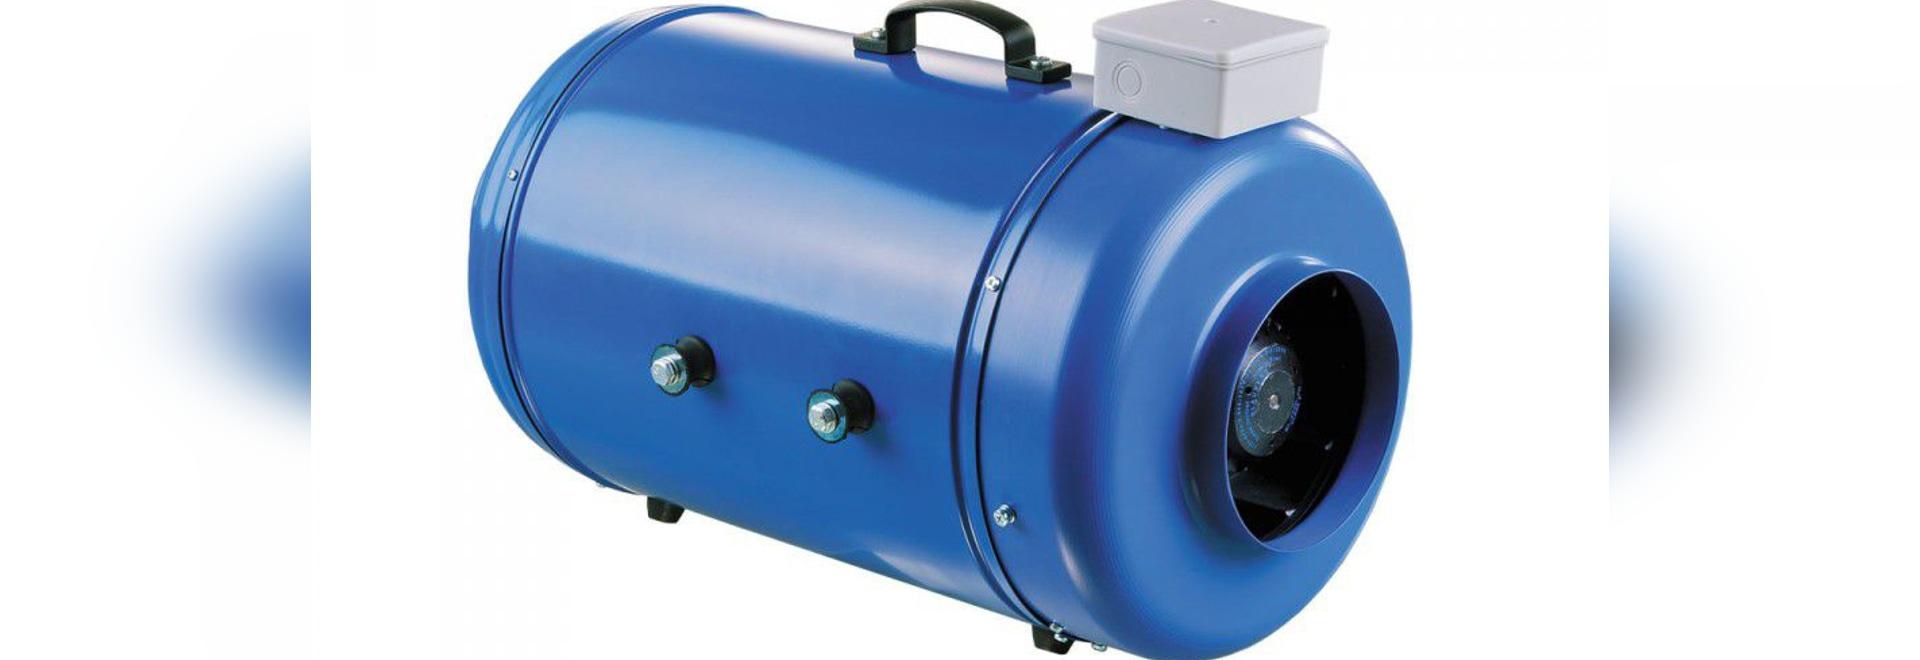 vkmiventilation systems jsc - ventilation systems jsc